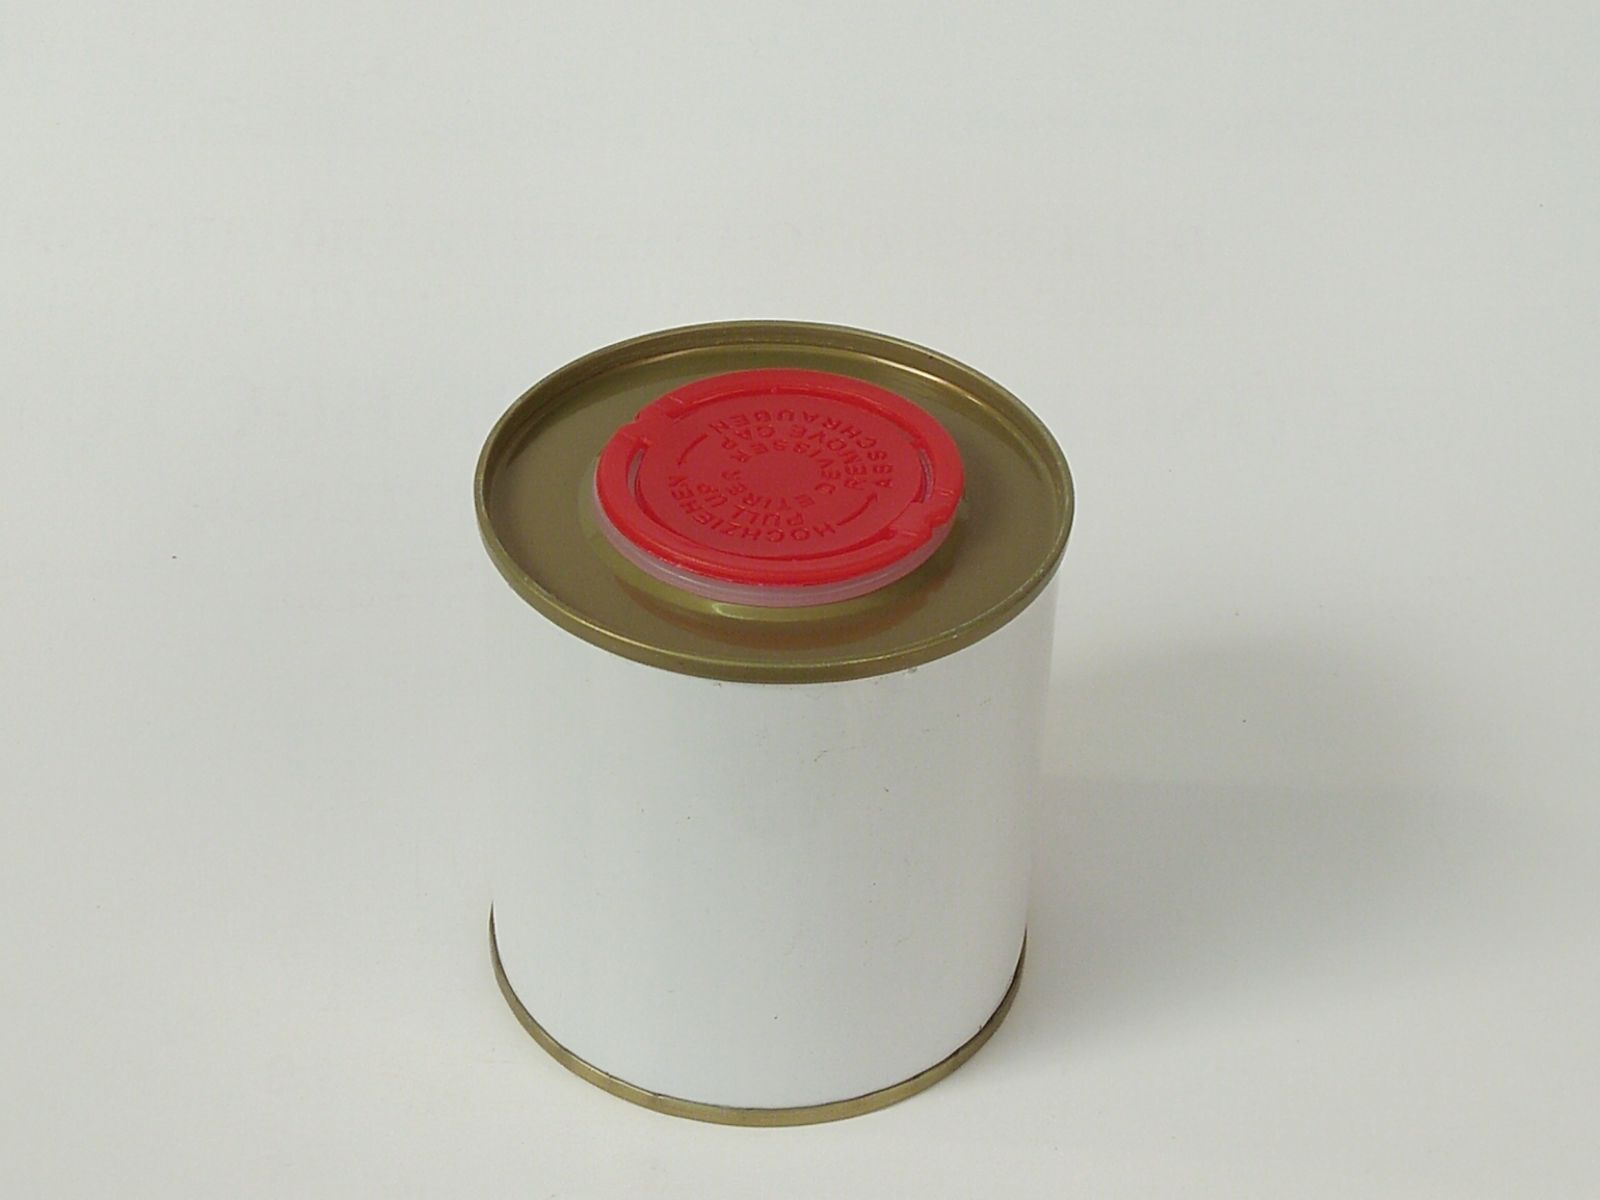 Lon thiếc 250ml nắp nhựa đỏ nghành dầu bóng